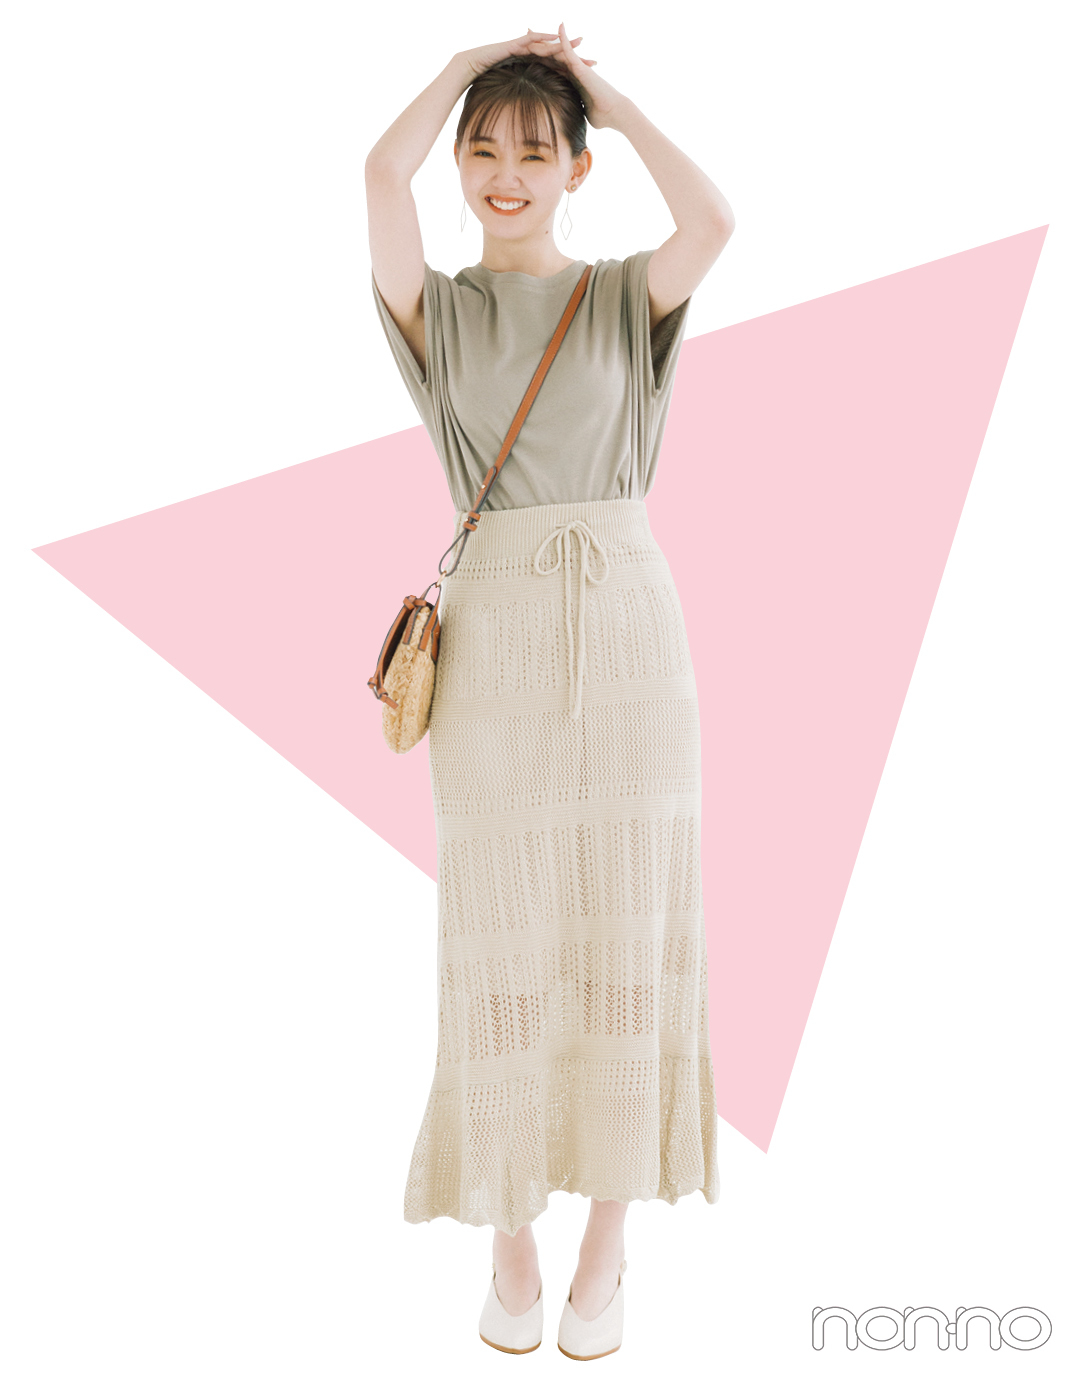 ぴたIラインスカート、腰やももが気になる…【ムズ着の正解vol.5】_1_3